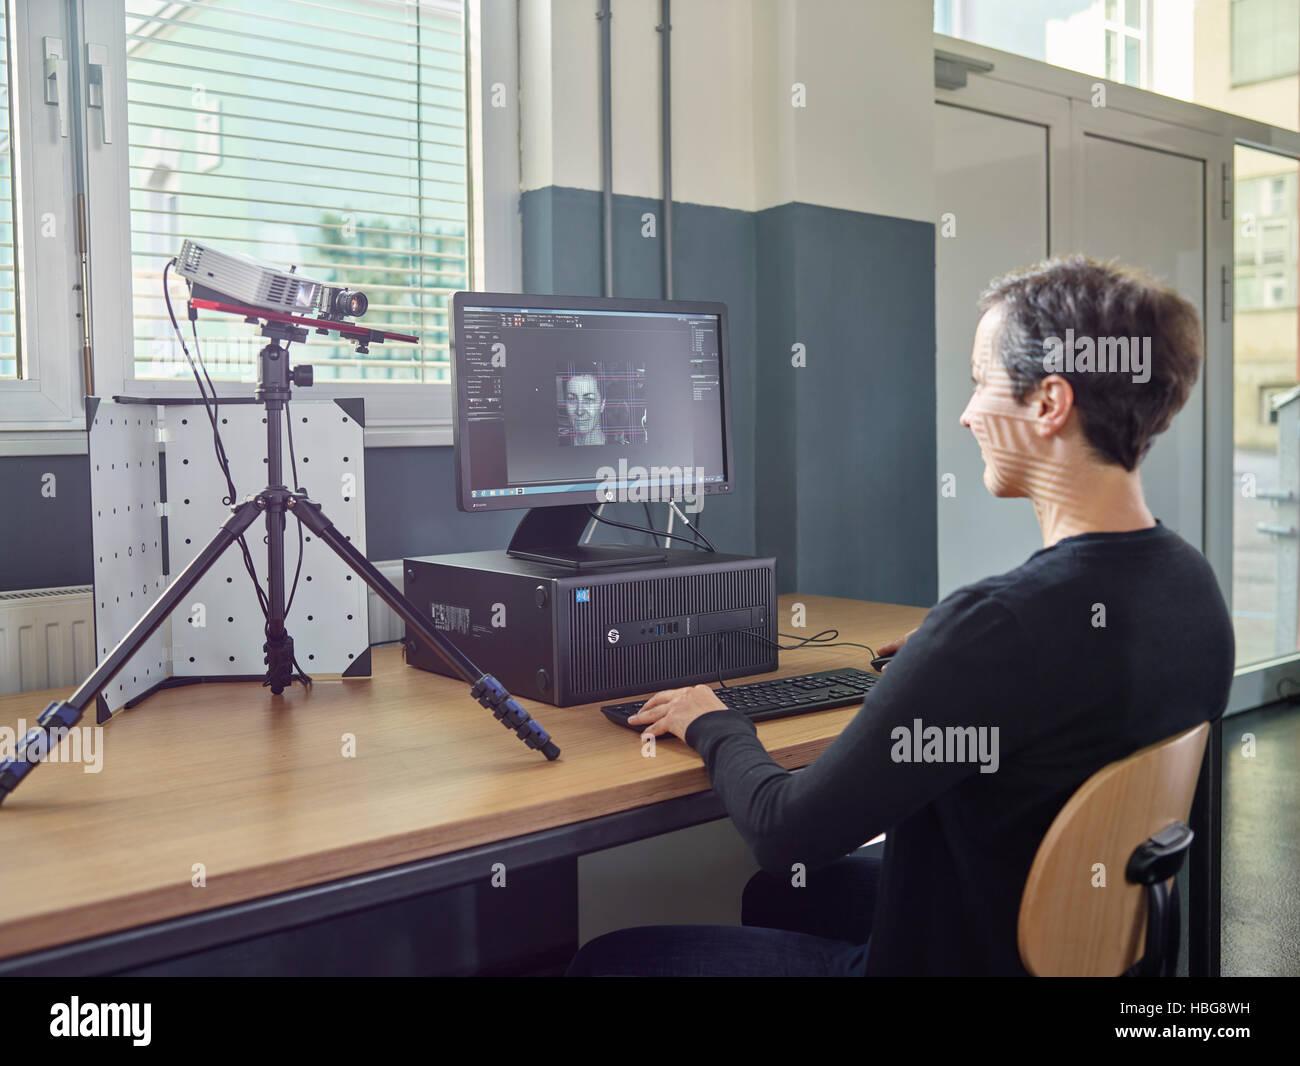 30 à 35 ans, femme, et numérise sa tête avec un scanner 3D Photo Stock